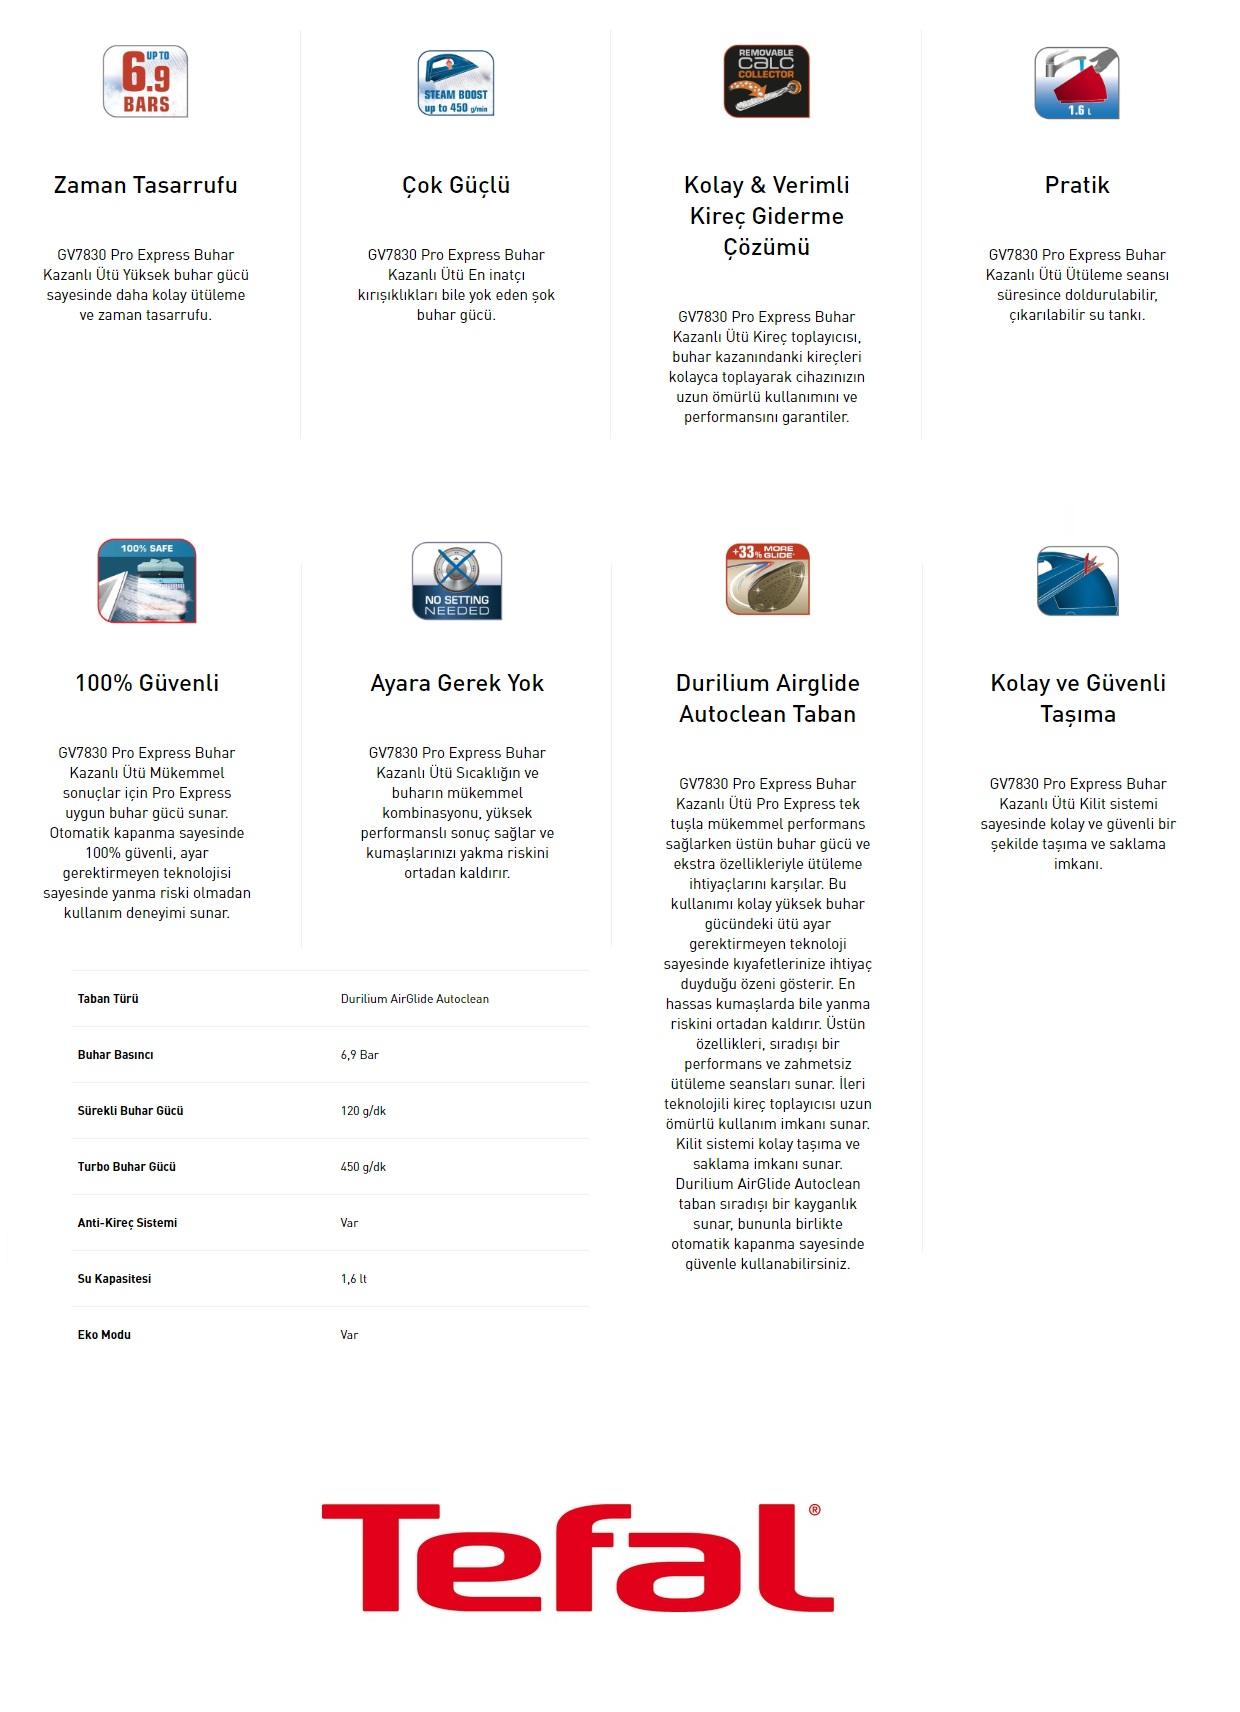 Tefal GV7830 Pro Expres Buhar Kazanlı Ütü Özellikleri